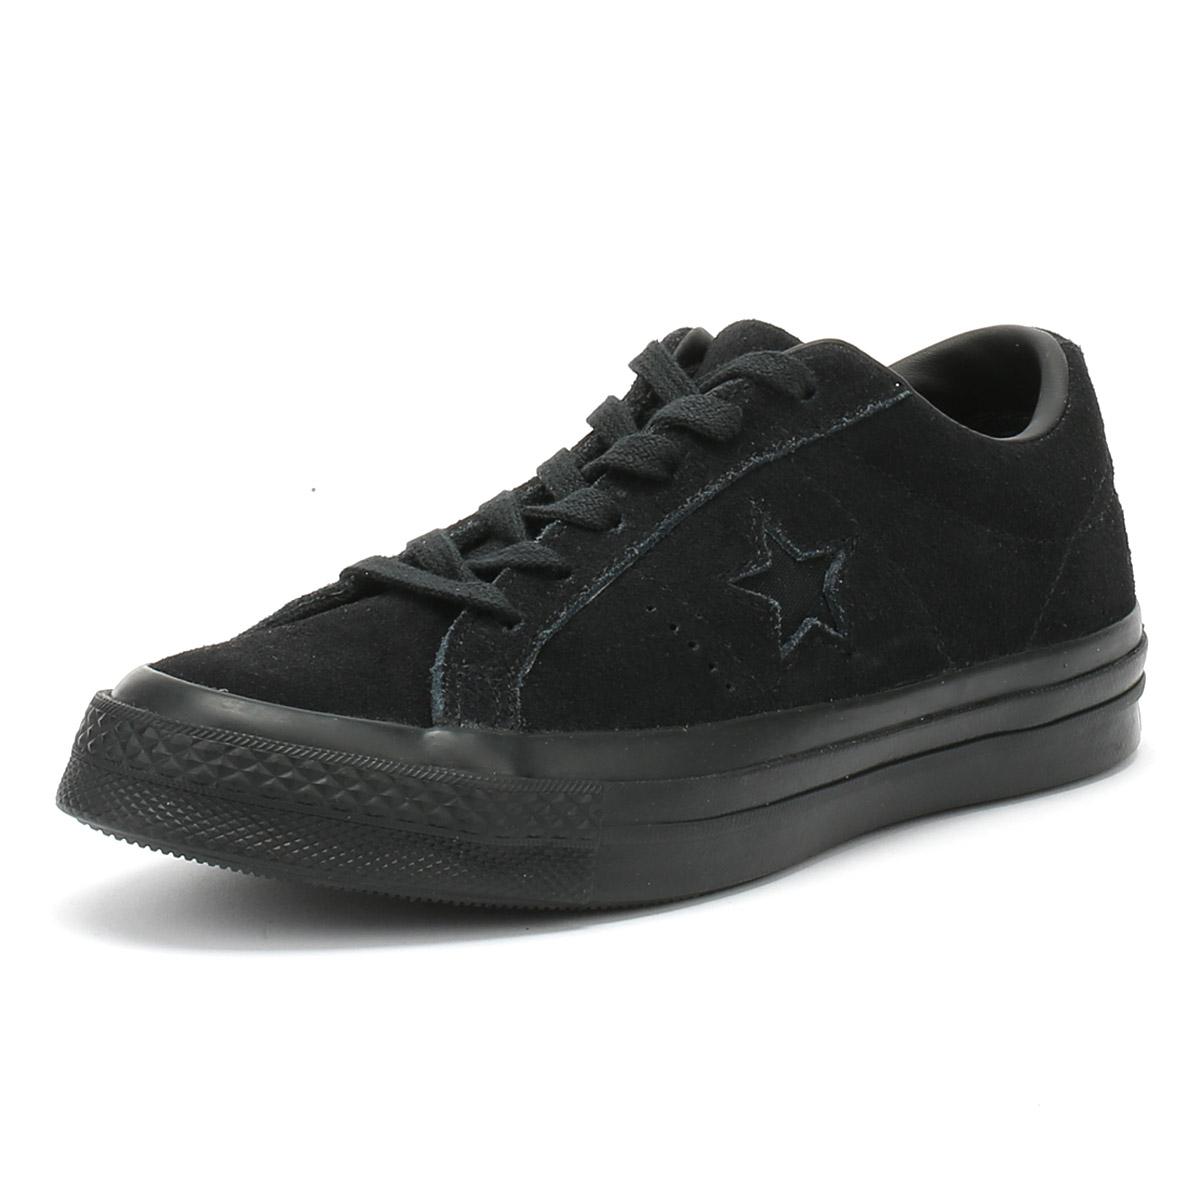 2e96c970d75 Converse One Star Junior Ox Baskets Noir Vintage en Daim Enfants ...